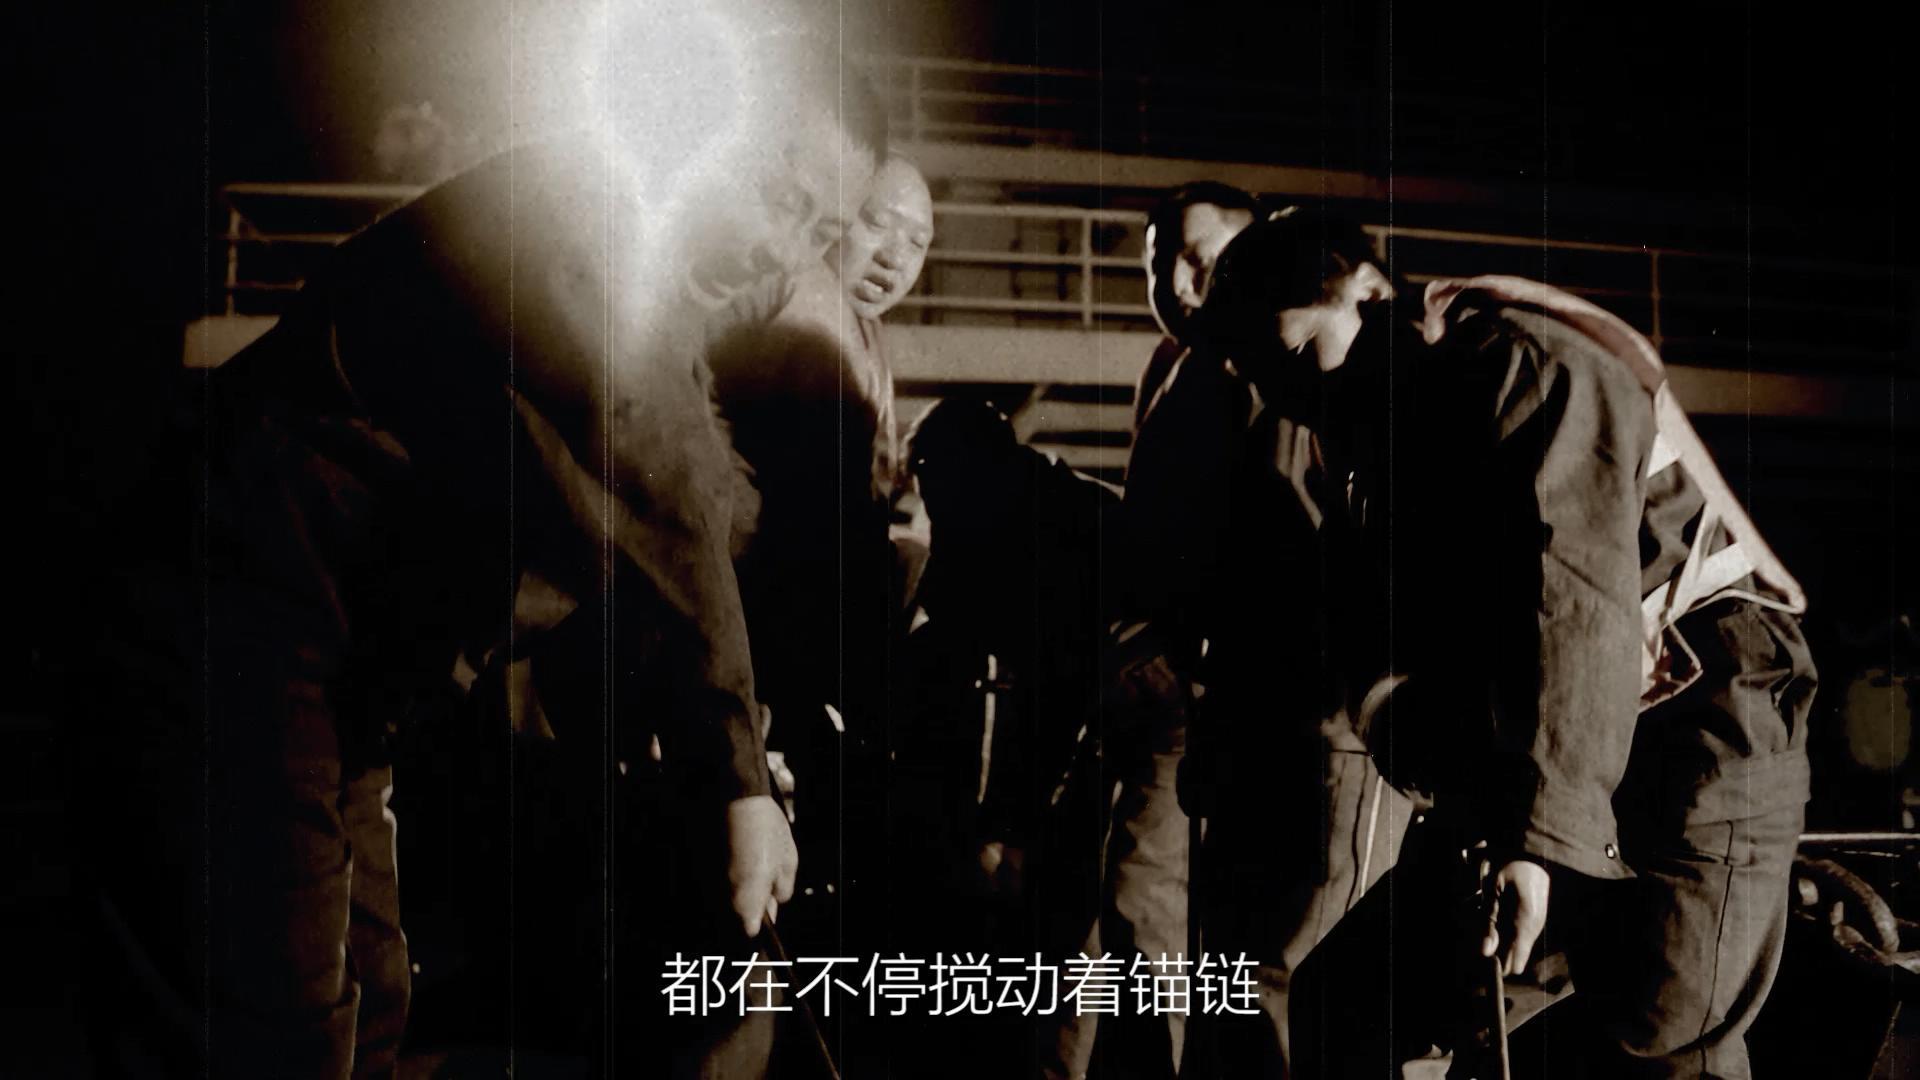 長江上的石油衛士 專題片